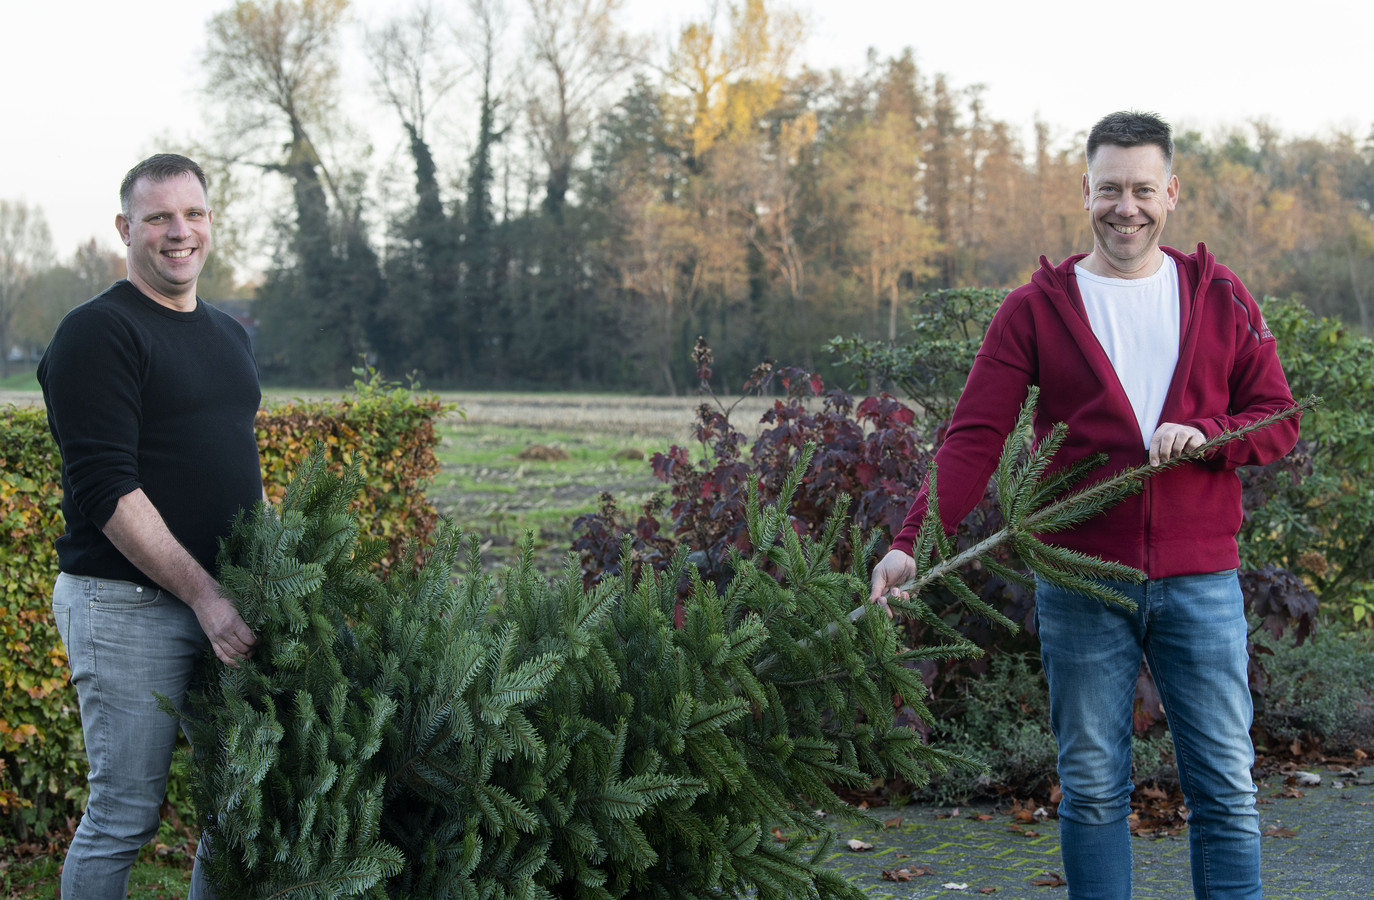 Nederland hunkert naar gezelligheid, en dus moet de kerstboom dit jaar extra vroeg de kamer in. Maar hoe hou je zo'n boom eigenlijk mooi tot Kerstmis? Kerstboomexperts René Sleurink (links) en René Kuiphuis van Den Noaldboom in Hengelo weten het.